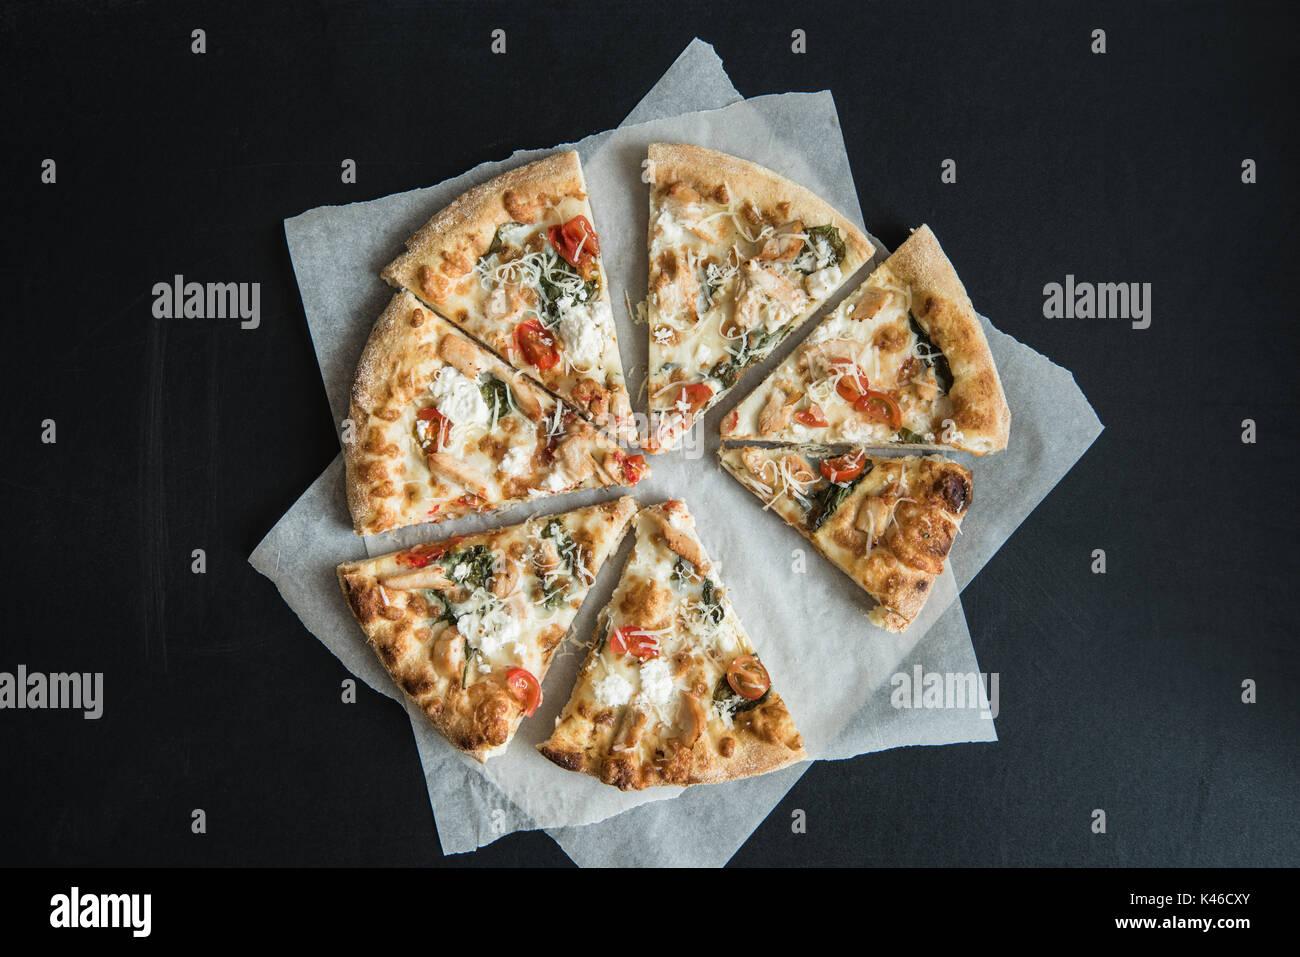 Vue de dessus de la cuisine italienne traditionnelle pizza tranché sur parchemin sur surface sombre Photo Stock